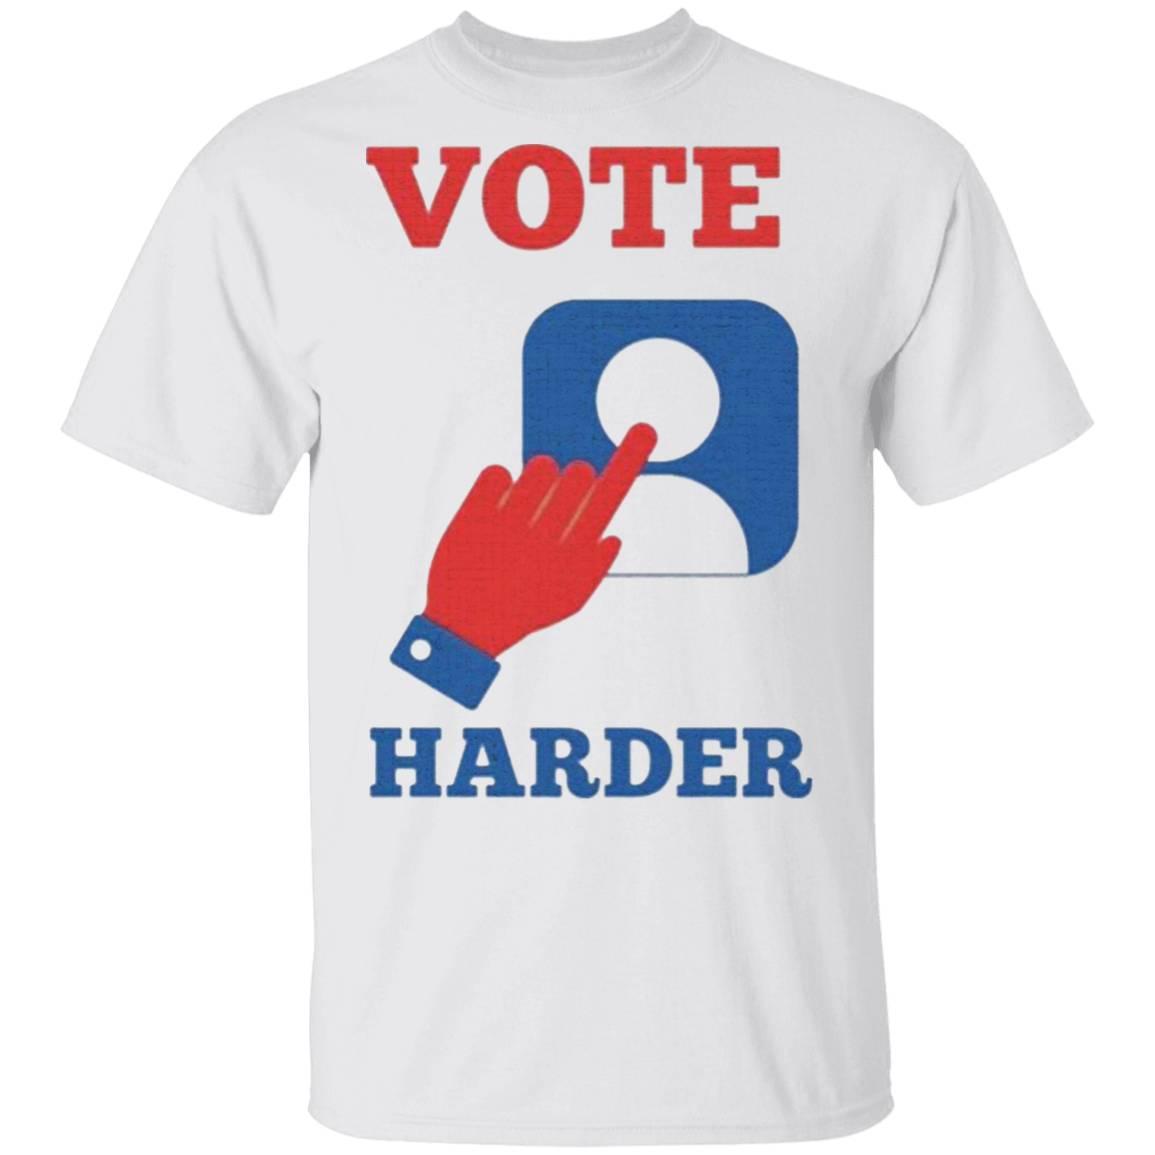 Vote Harder Illustration For Election T-Shirt